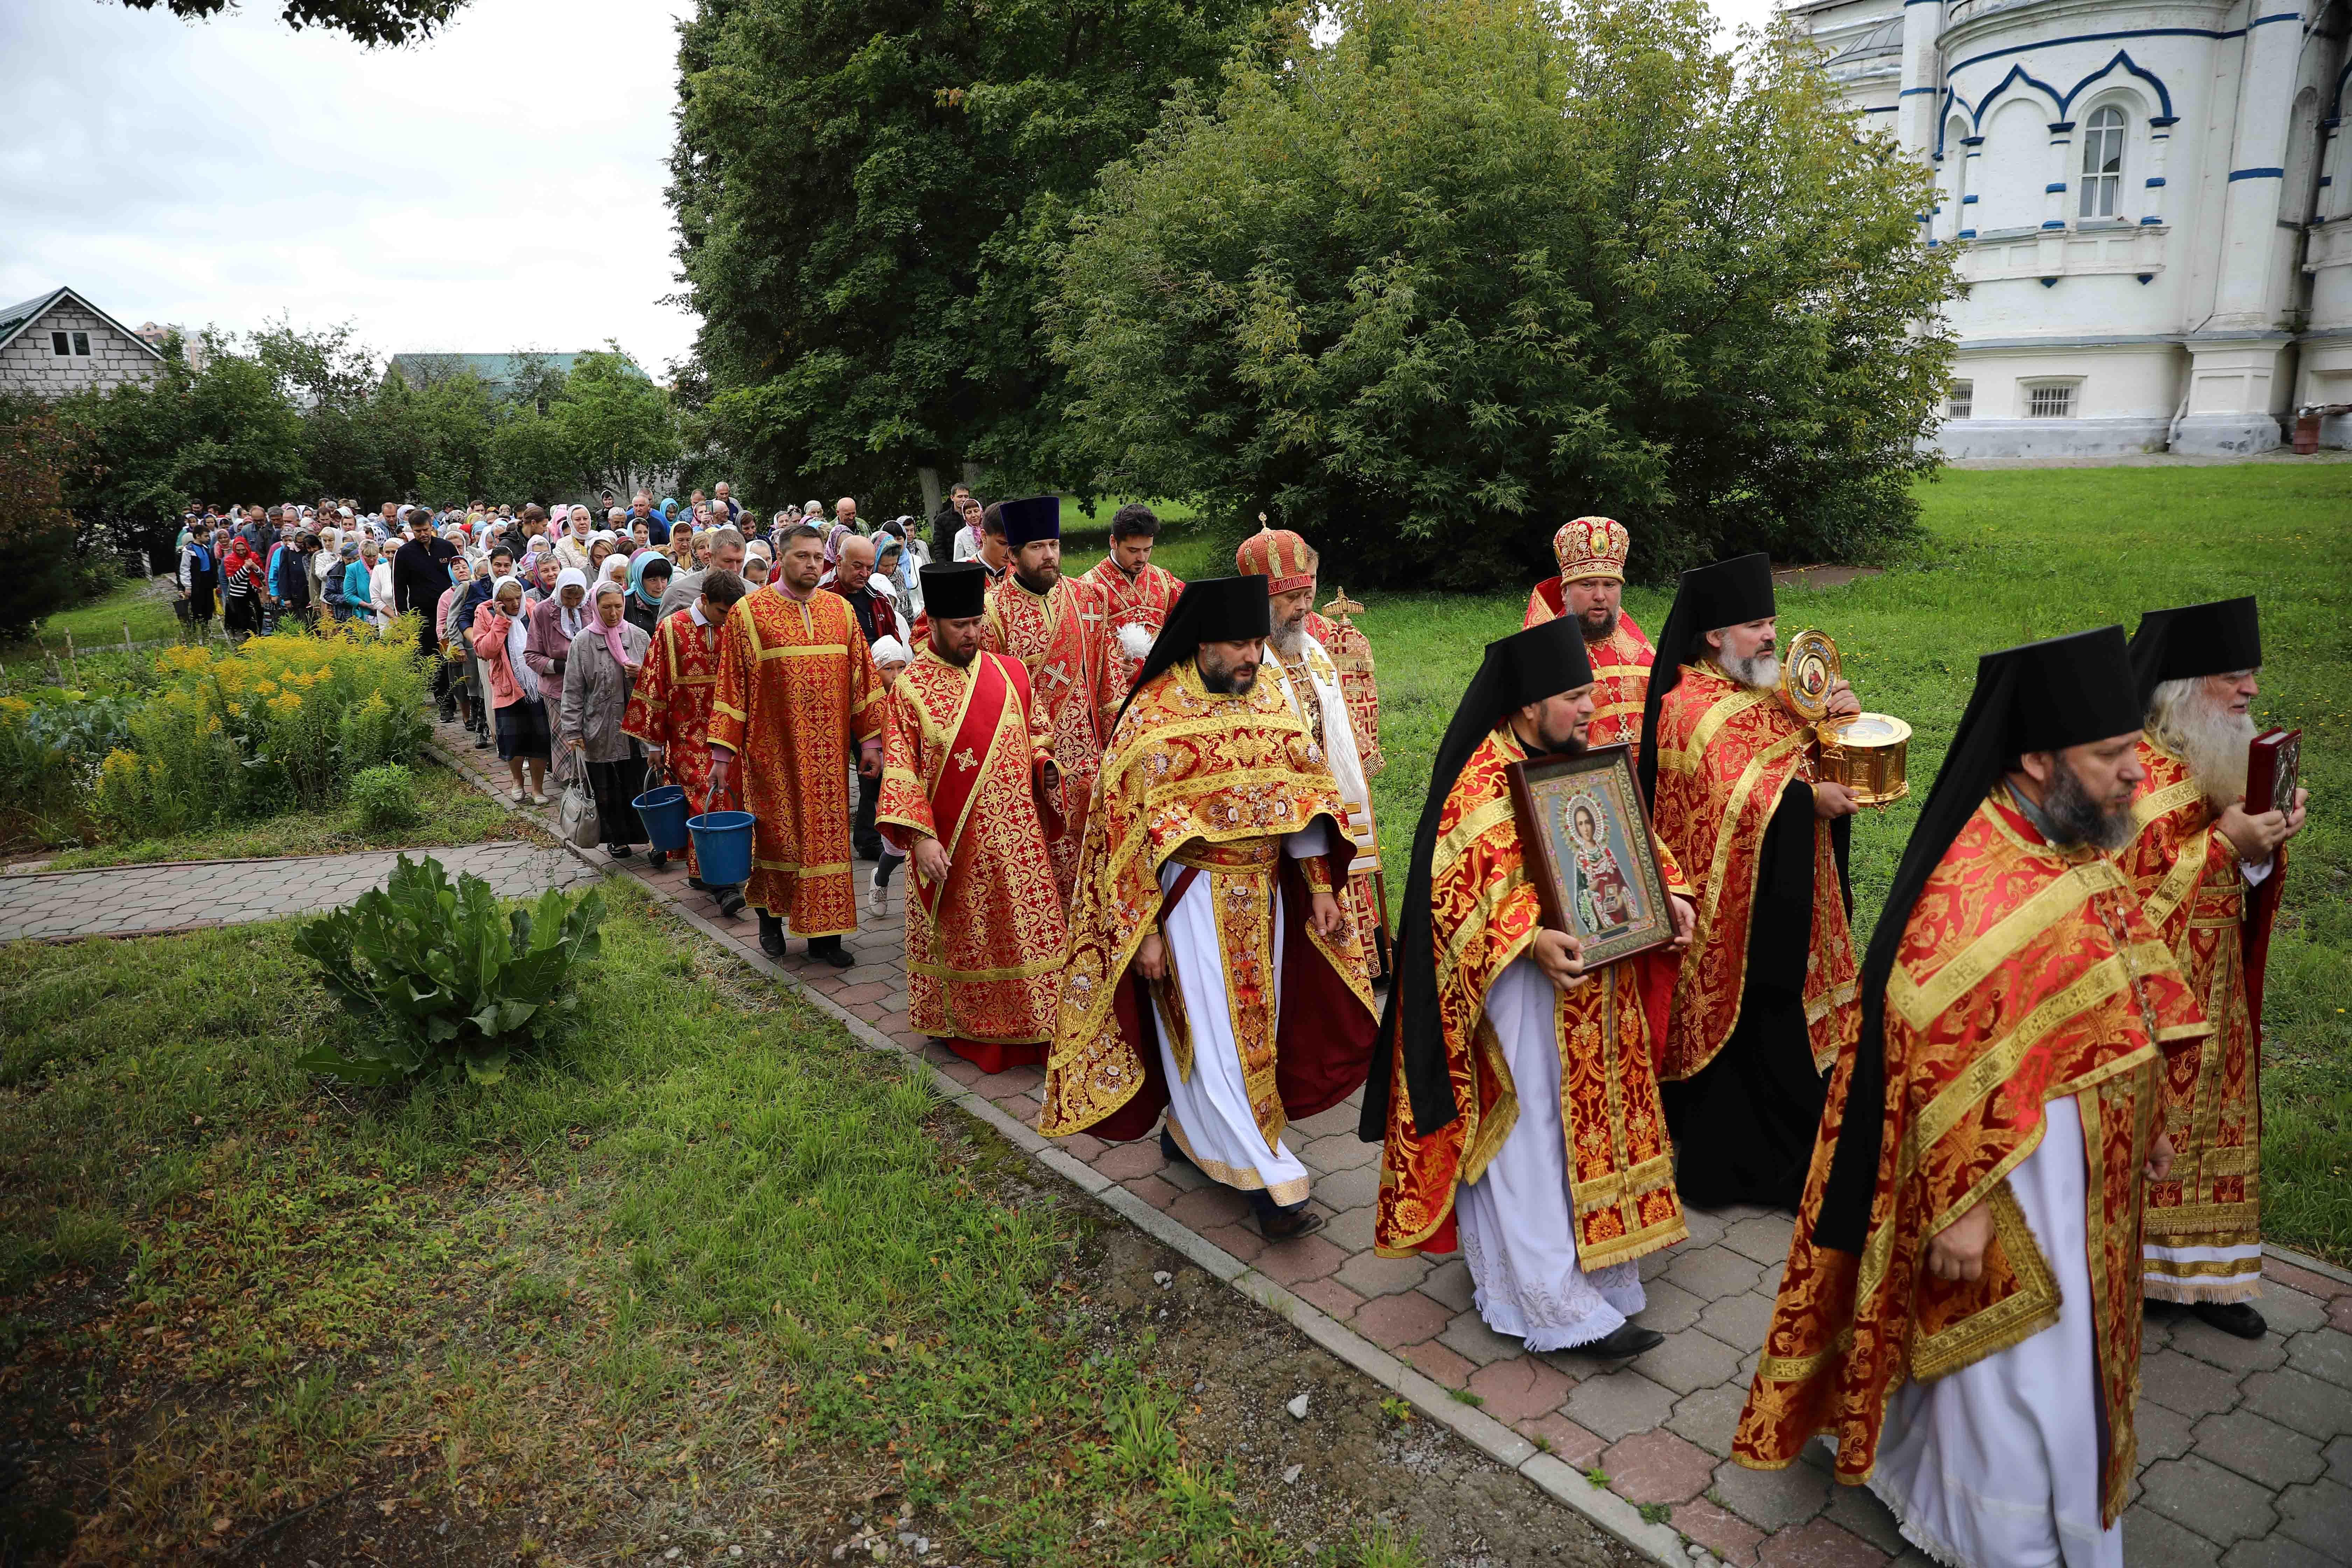 http://monuspen.ru/photoreports/6fe34d0b1744123e0a9091cd842914bx.jpg